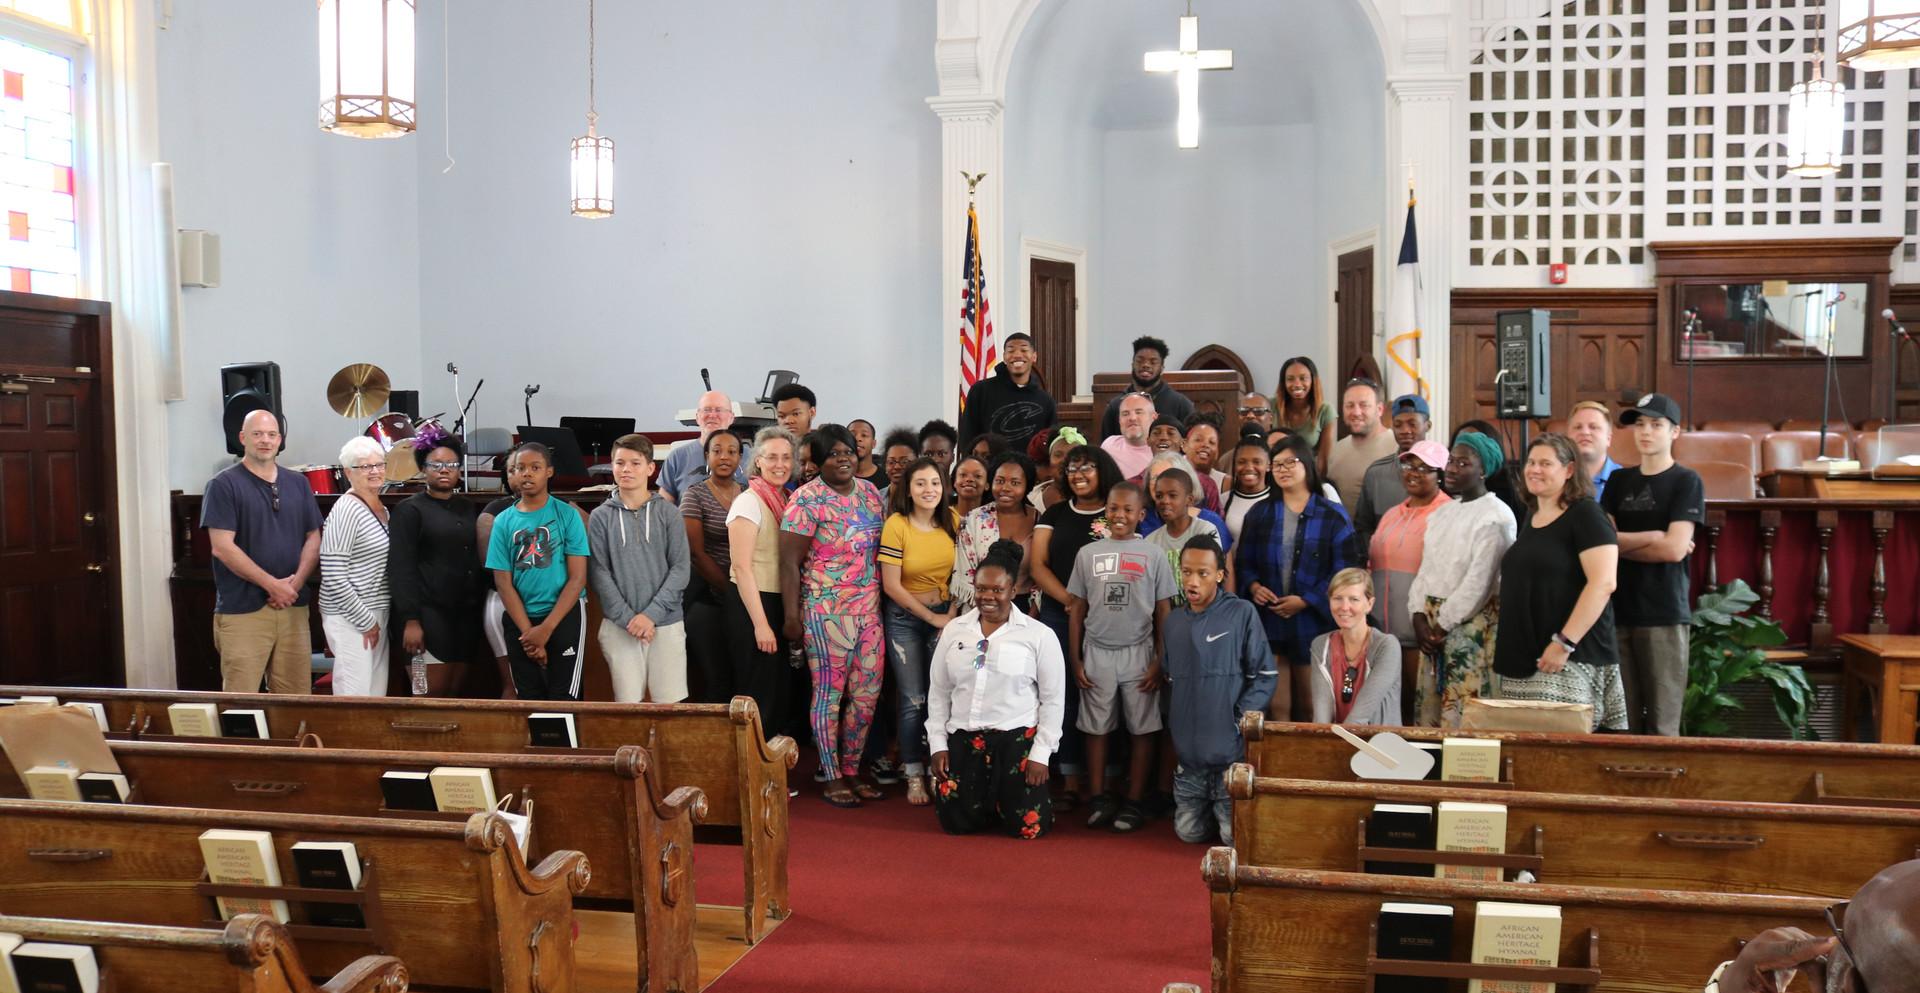 Dexter Street Baptist Church Group Photo